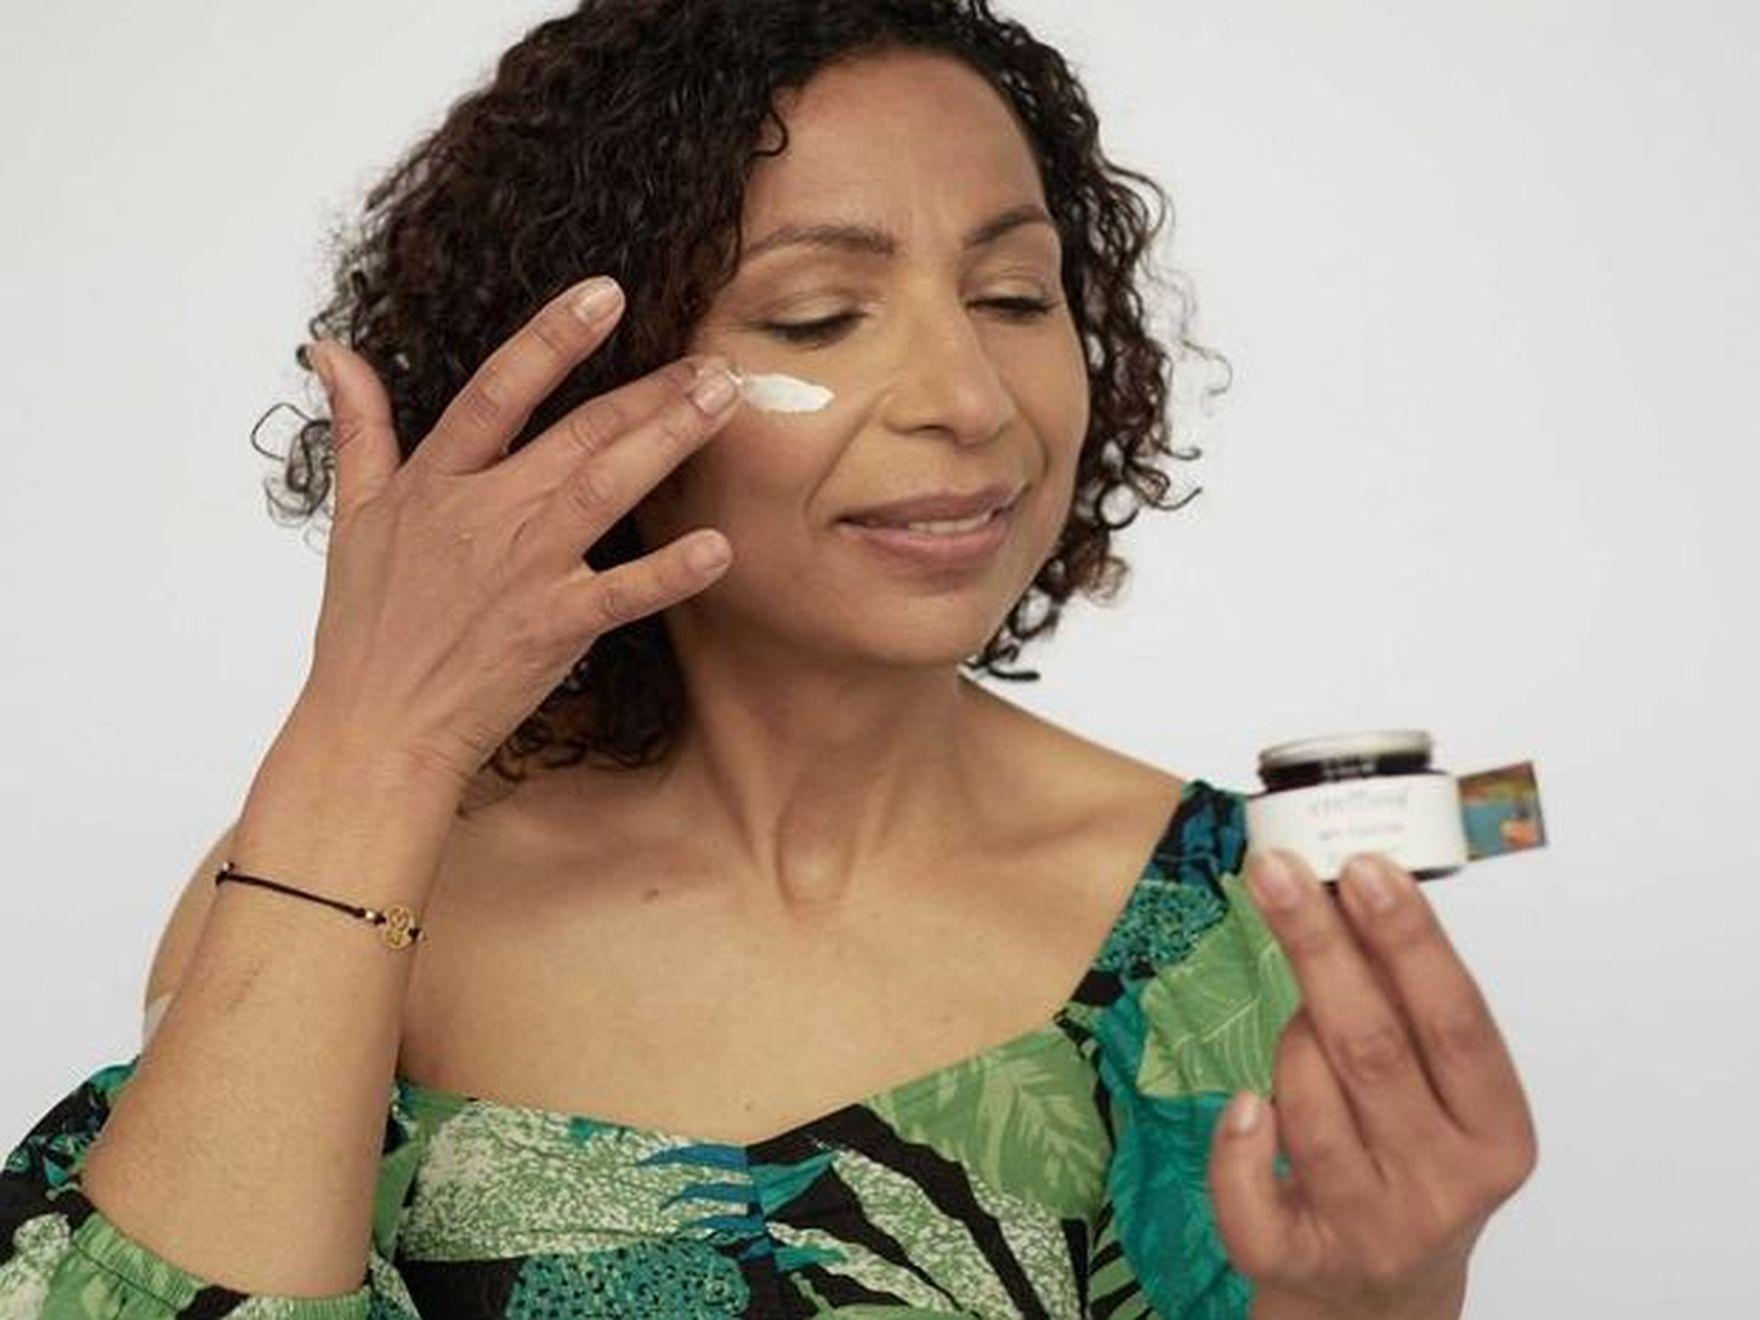 Pielęgnacja suchej skóry krok po kroku. Te kosmetyki dogłębnie nawilżą i rozprawią się z uczuciem ściągnięcia